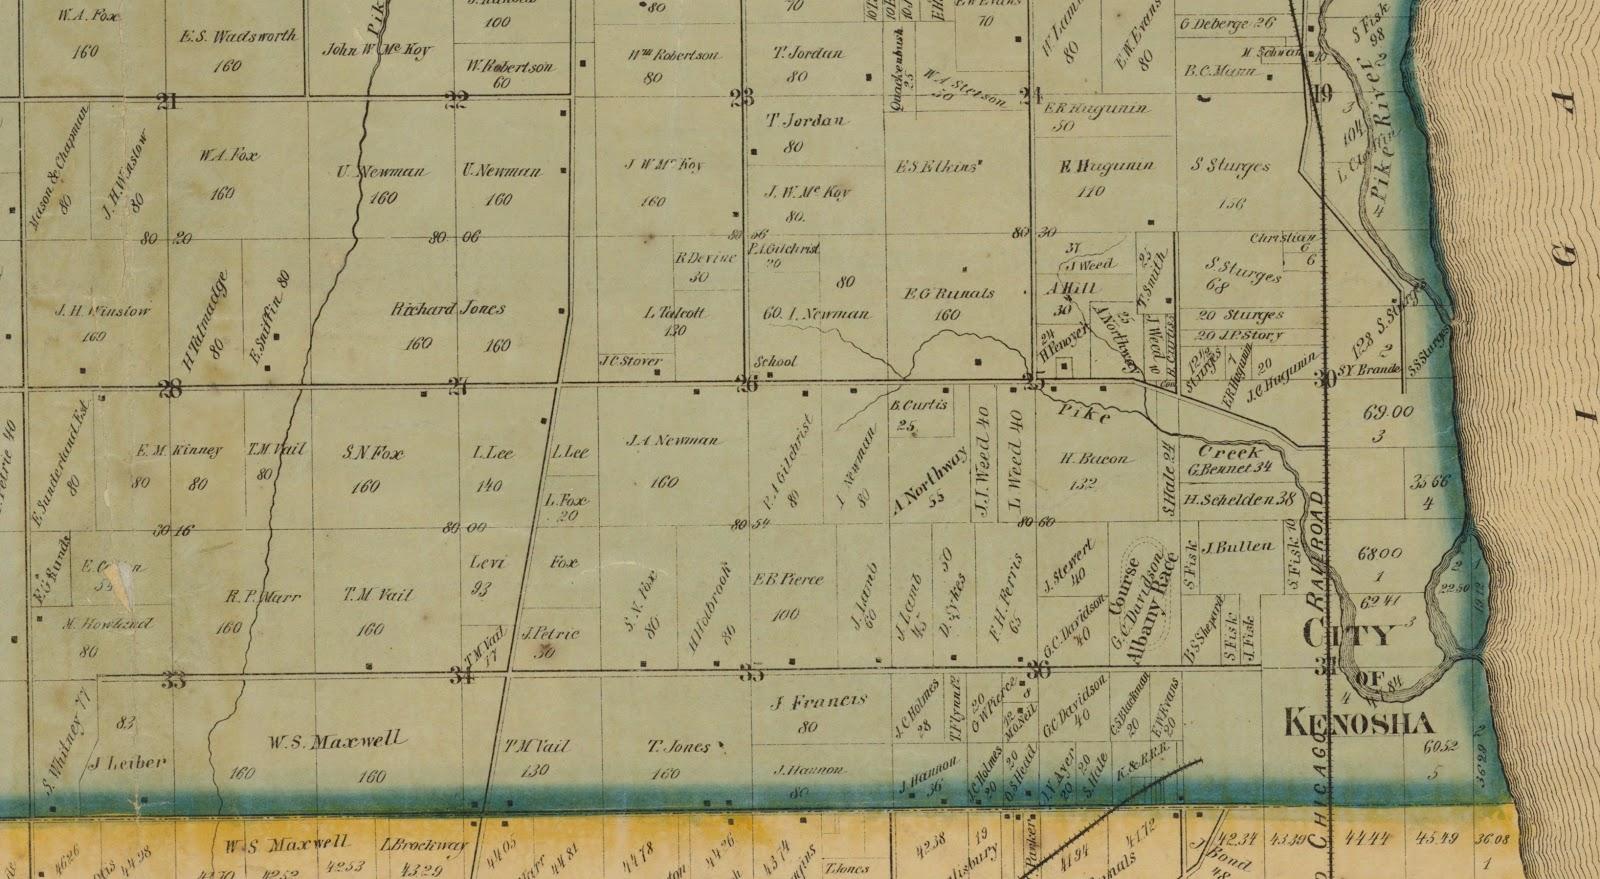 history of kenosha county